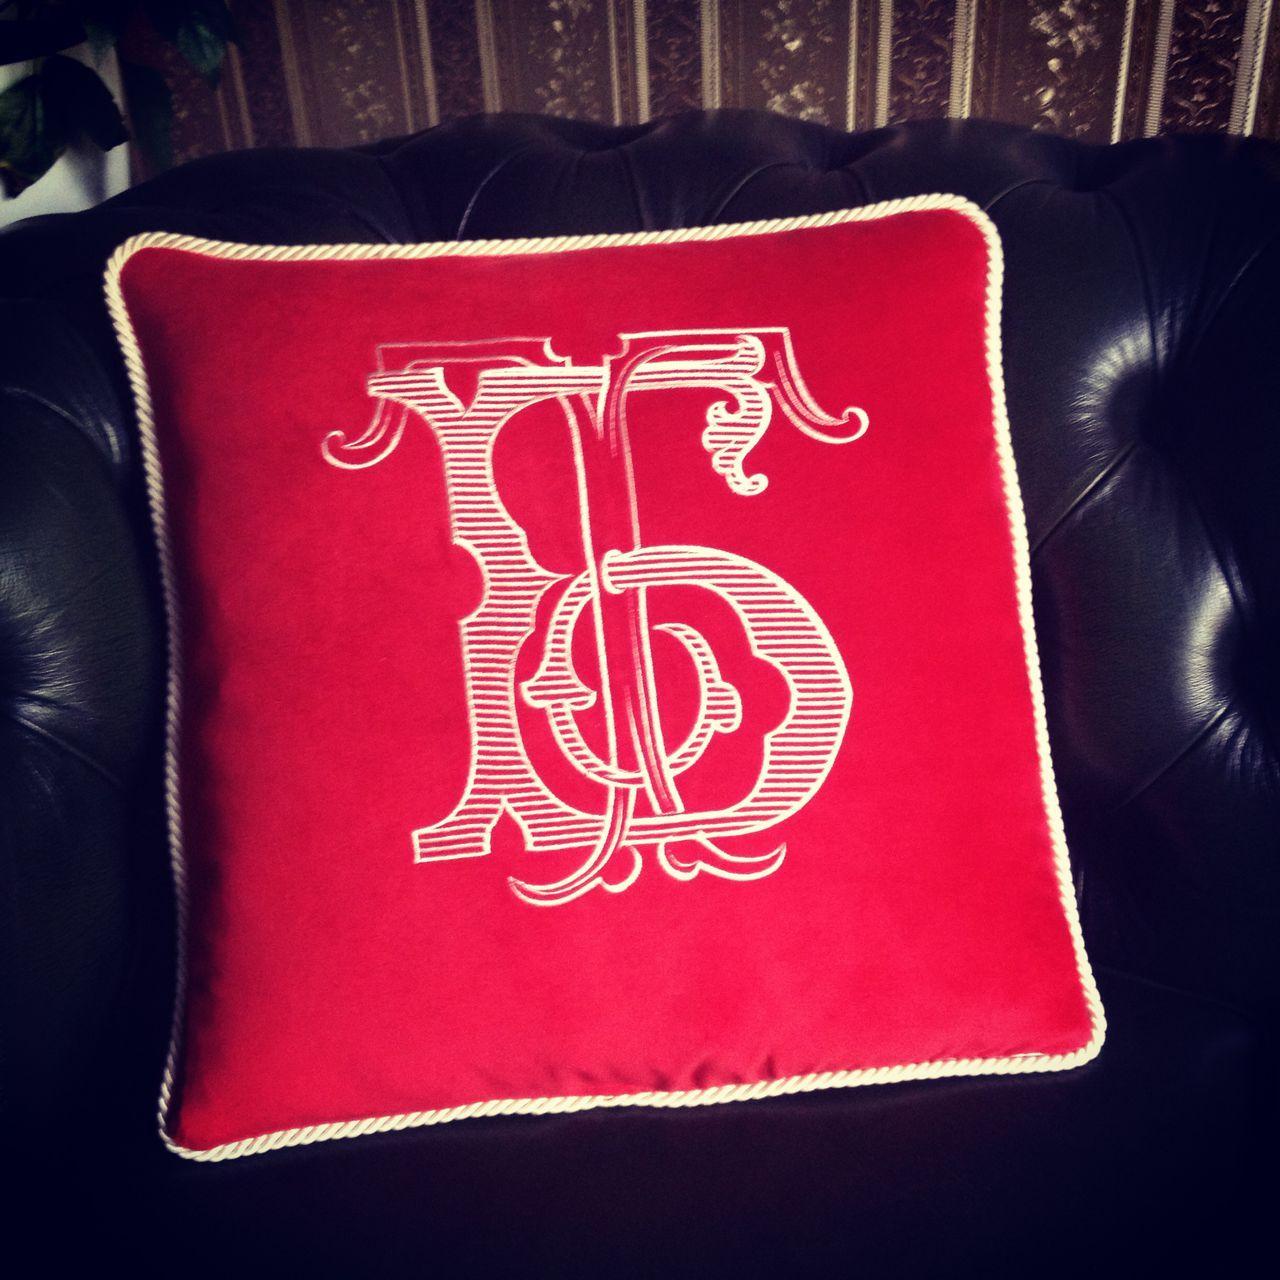 Декоративная подушка на заказ из бархата с вышитыми вензелями